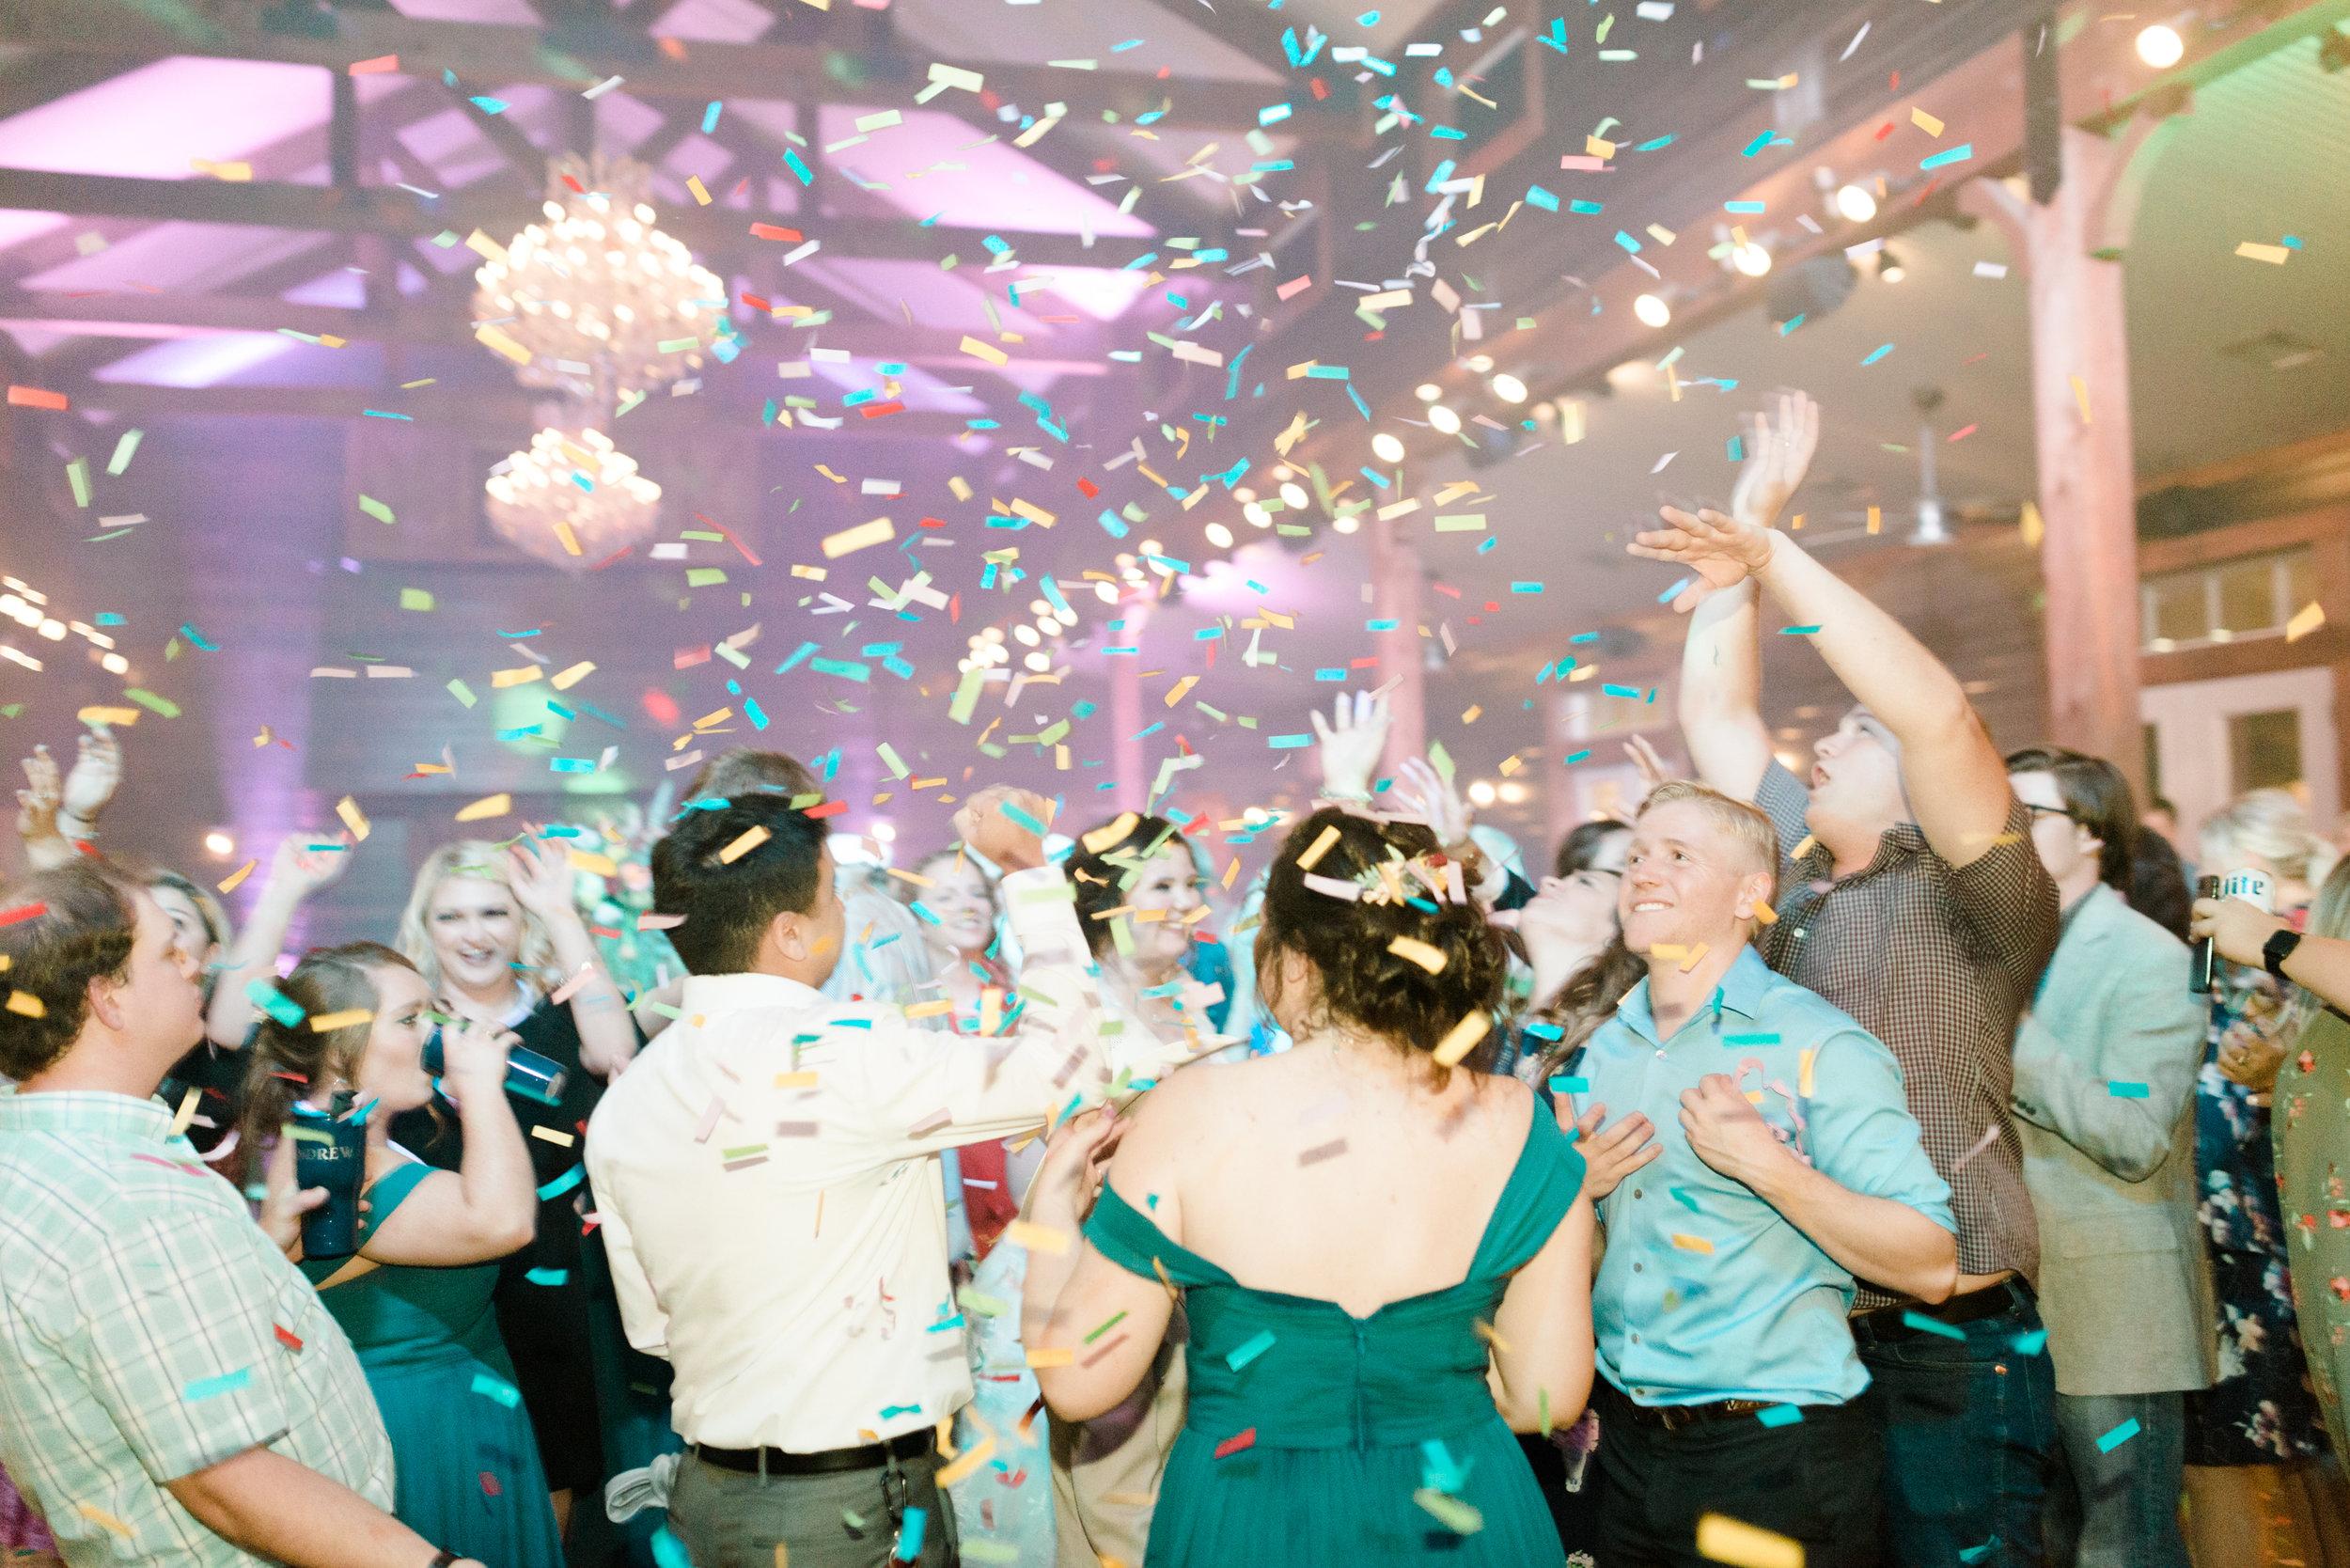 Wesley-Wedding-Ten23-Photography-838.jpg